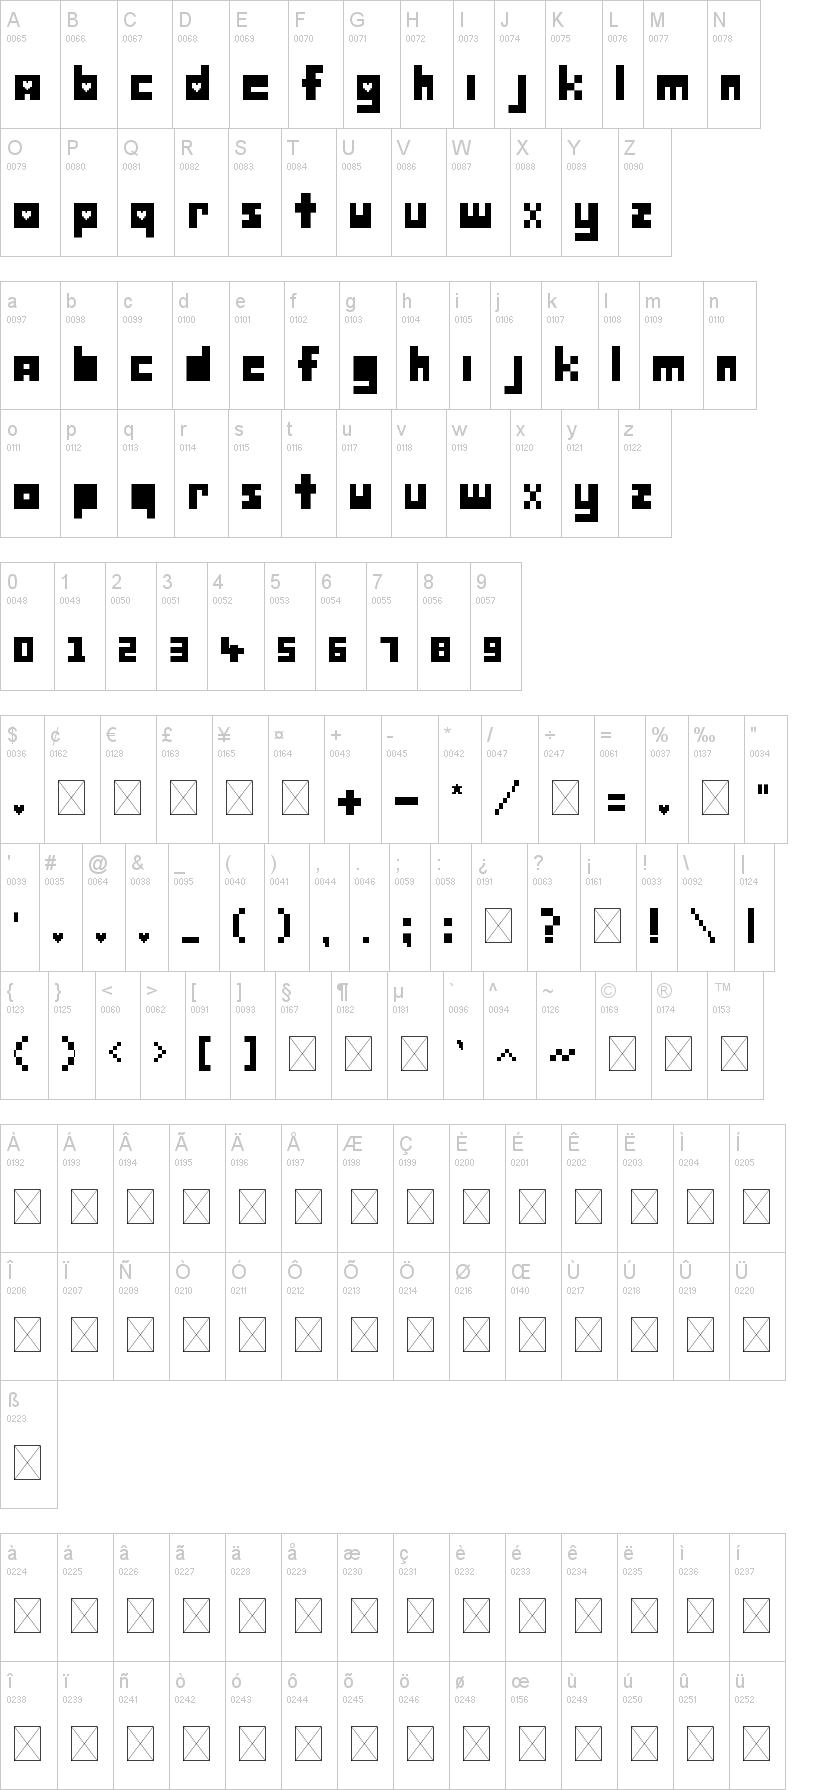 Deltarune Font | dafont com